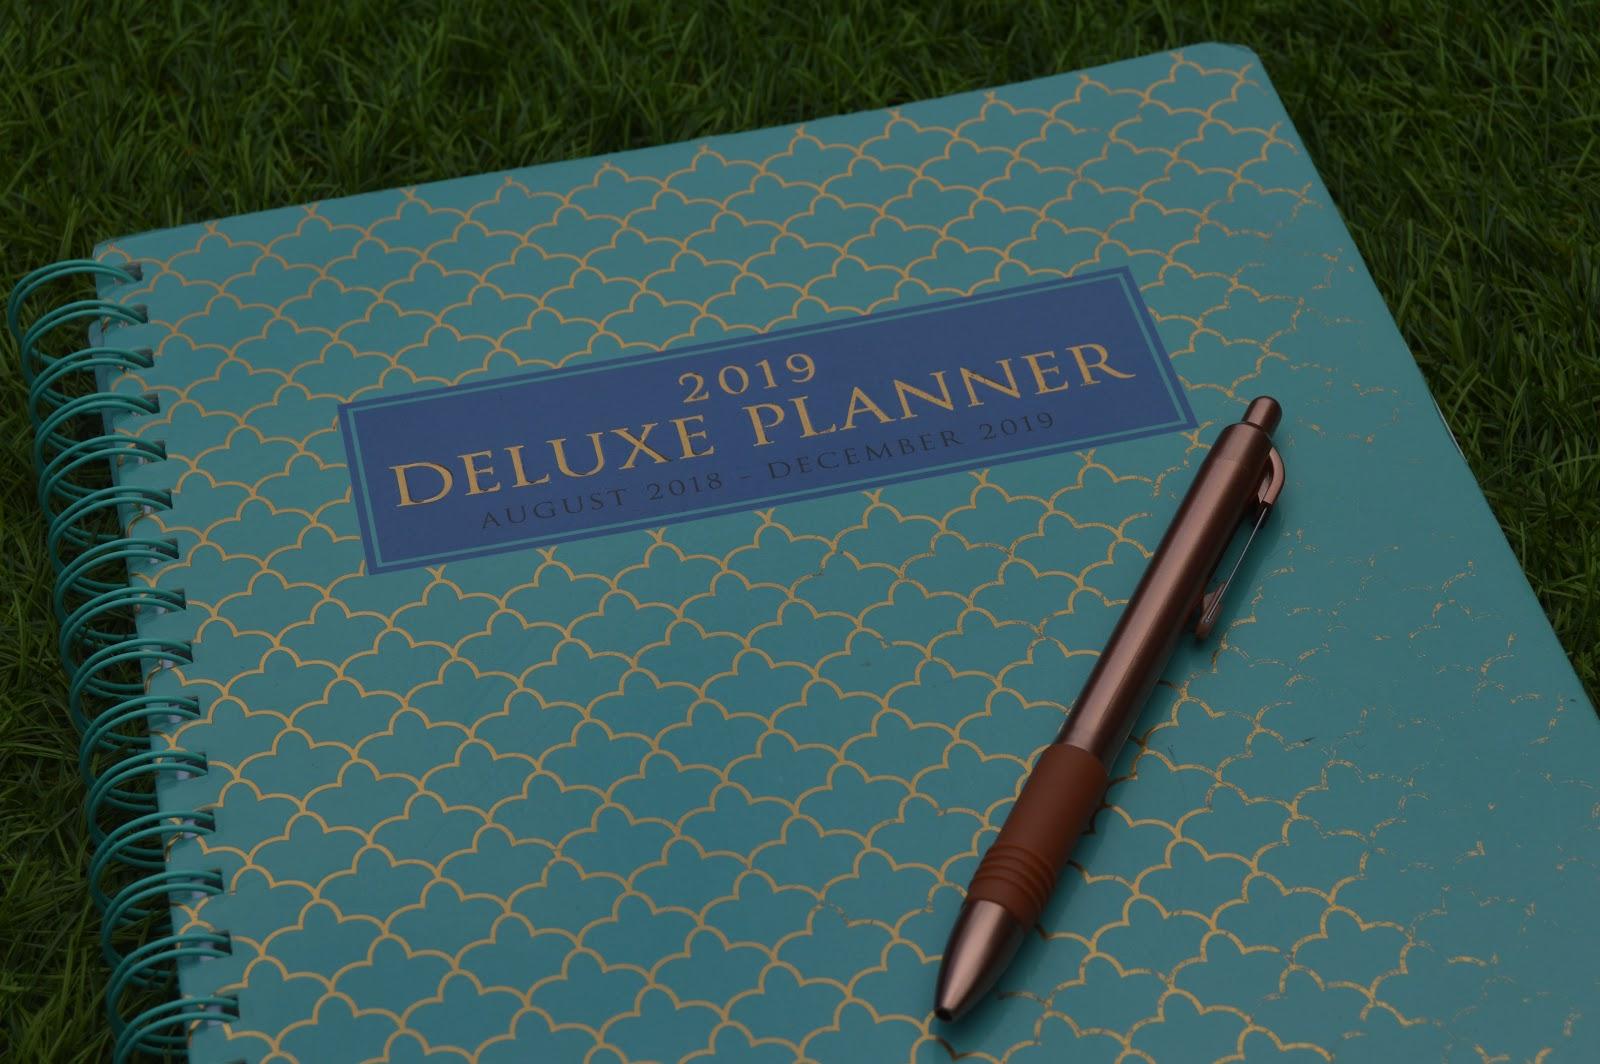 2019 deluxe planner